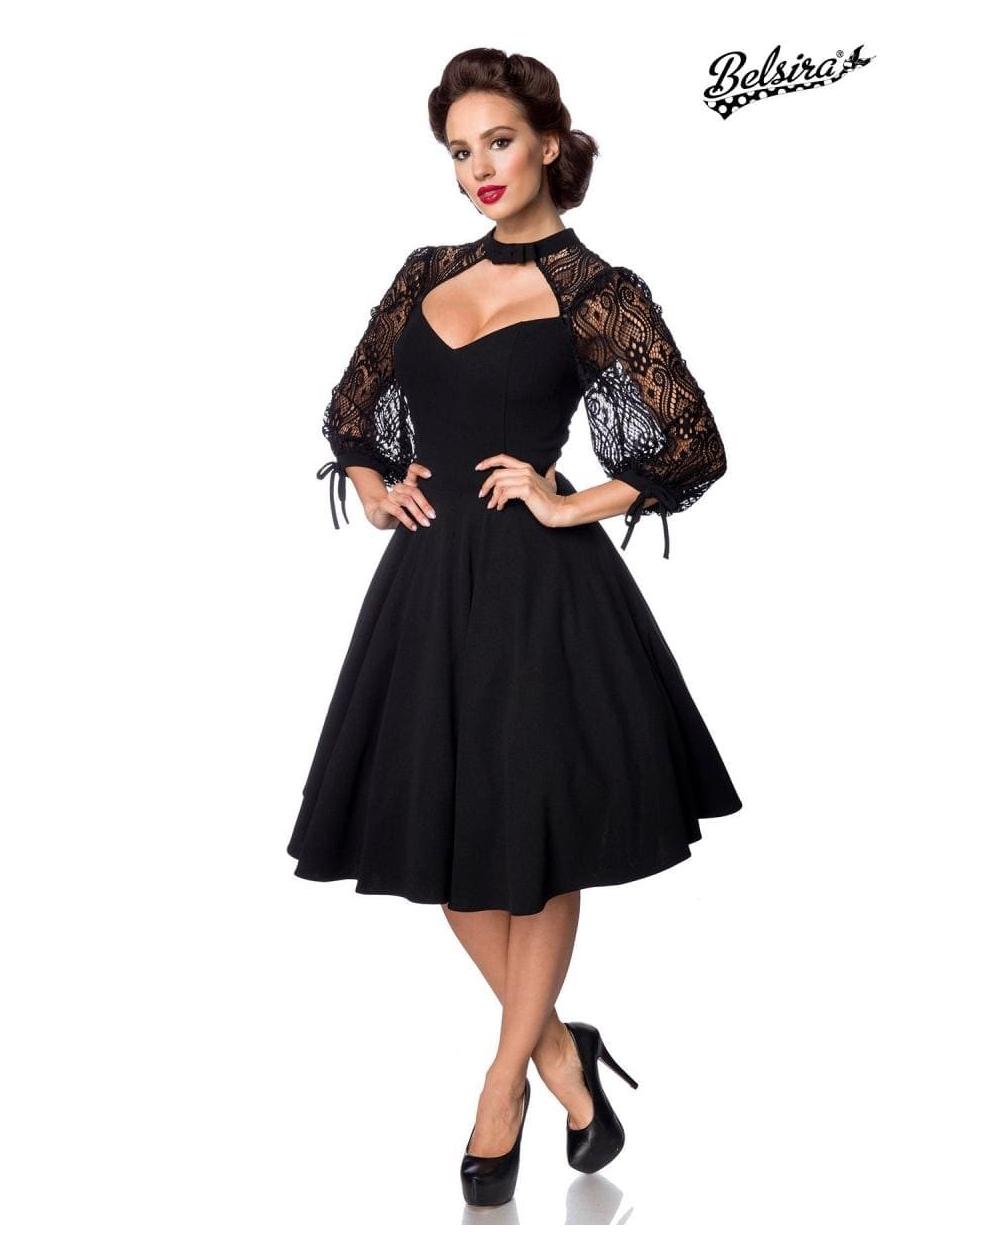 Belsira Vintage Kleid schwarz mit langen Spitzenärmeln